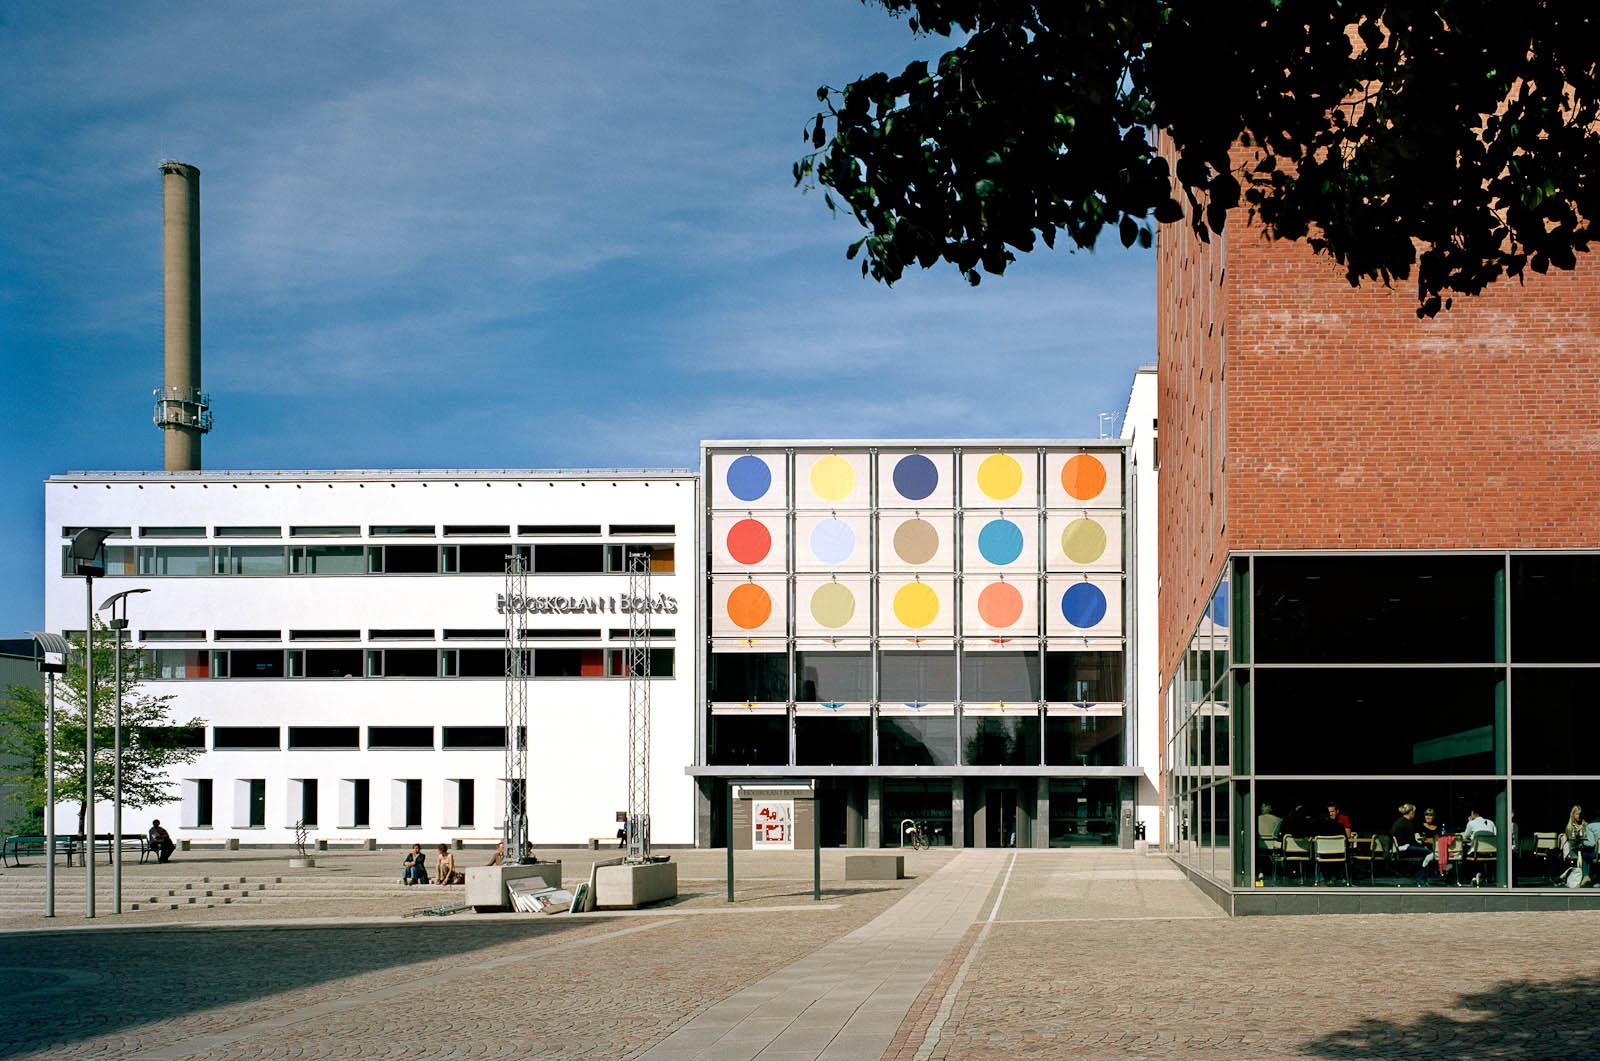 Högskolan i Borås utifrån. Ena flygeln av tegel, den andra vit. I mitten biblioteksbyggnaden med solavskärmningen halvvägs nerfälld och de olikfärgade prickarna väl synliga. Kontrapunkt, Eva Stephenson-Möller